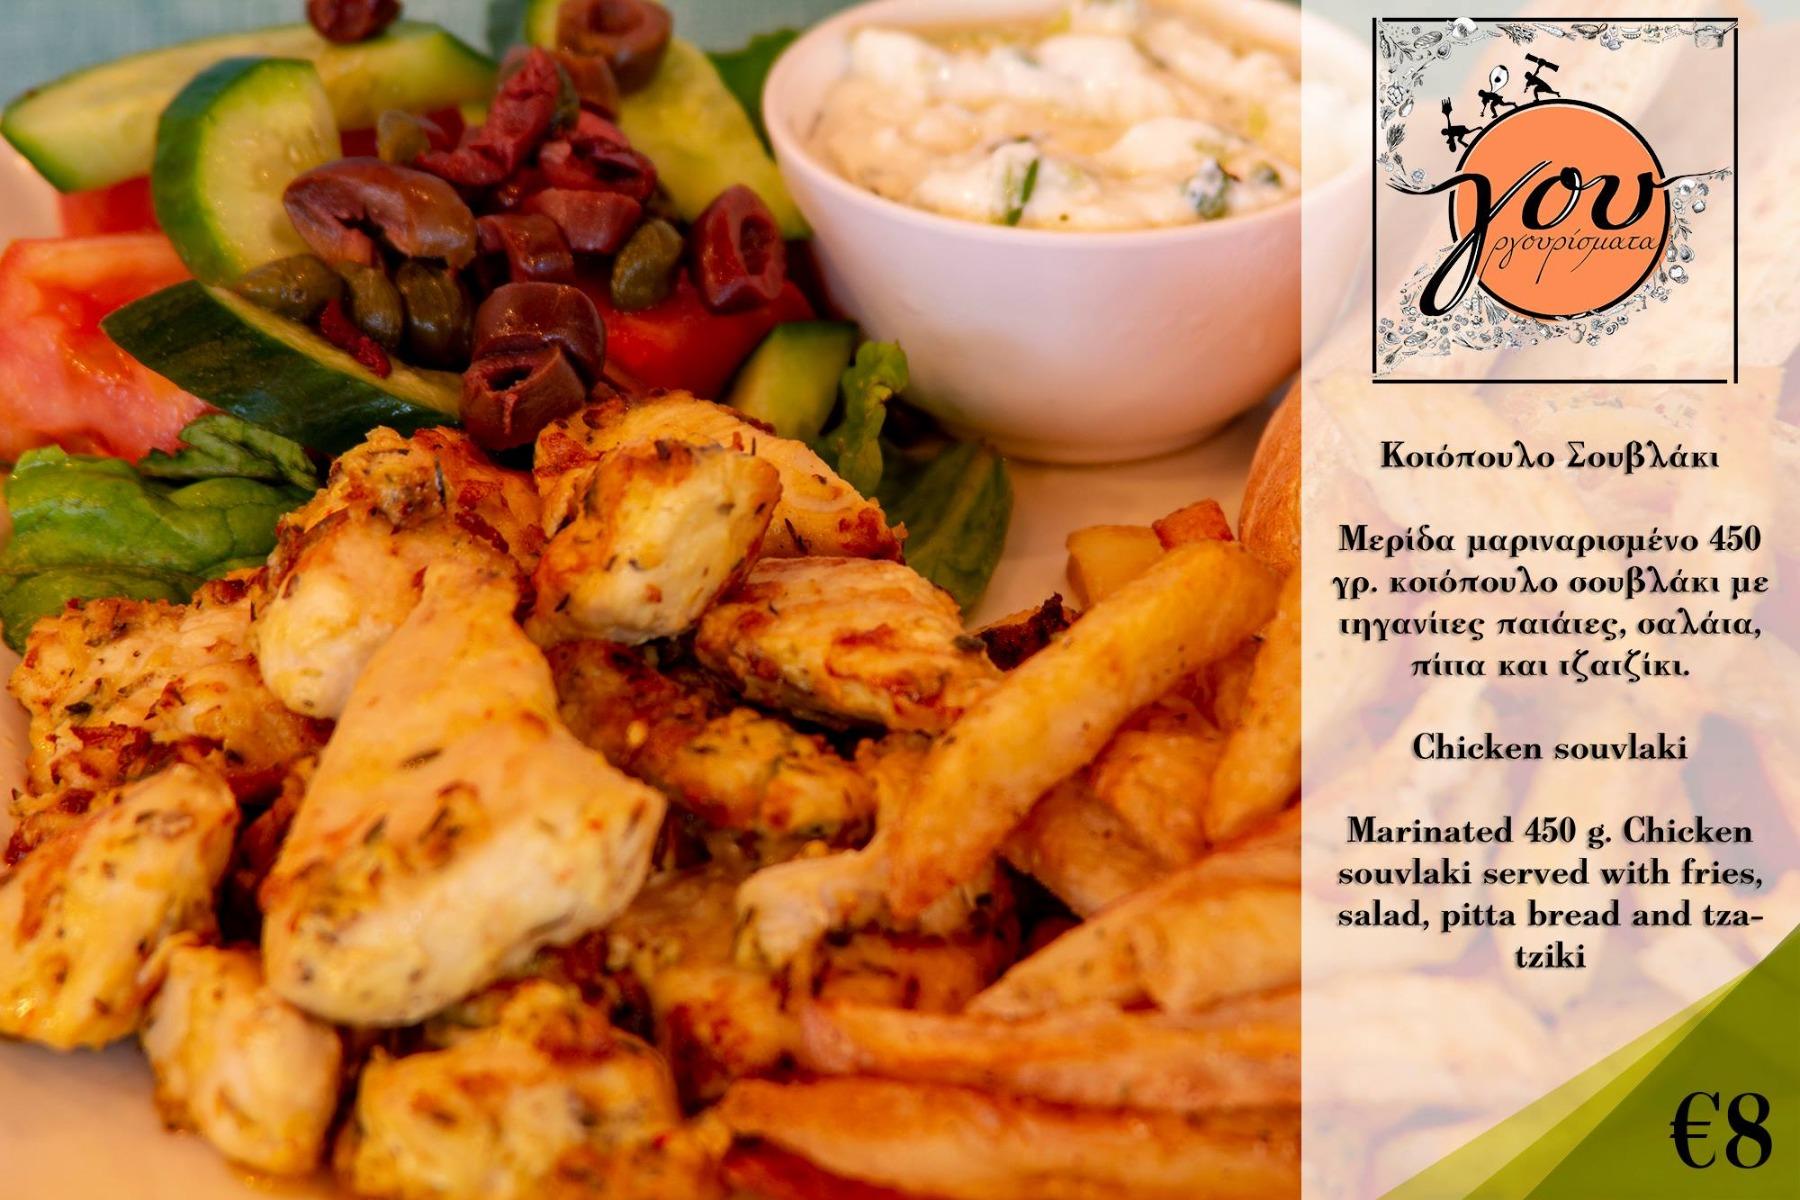 chicken souvlaki gourgourismata nicosia